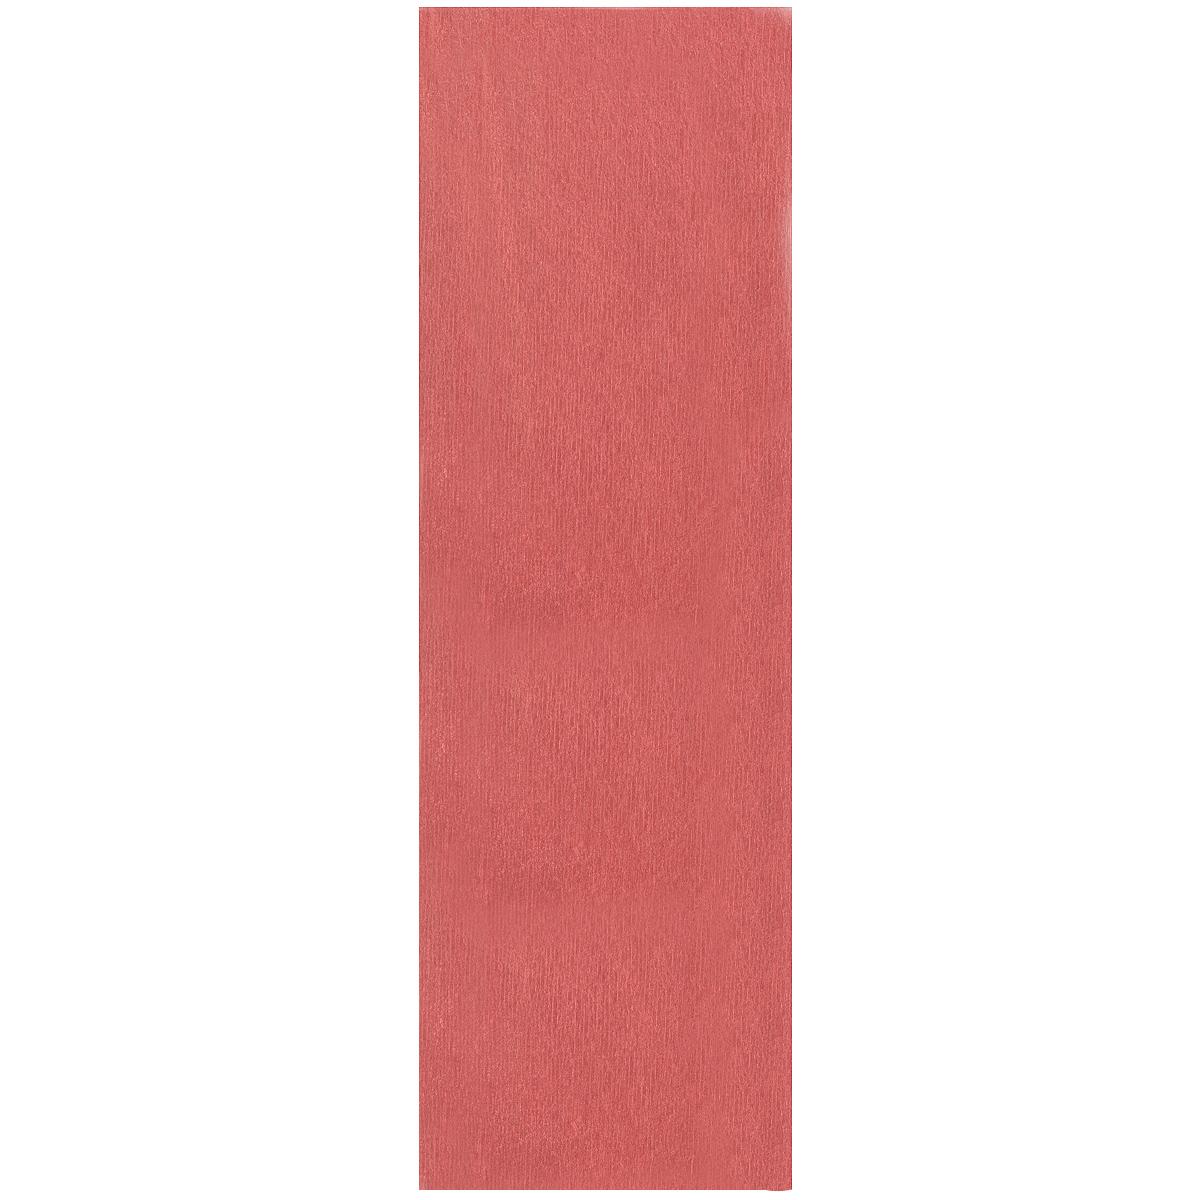 Бумага крепированная Проф-Пресс, металлизированная, цвет: красный, 50 см х 250 смC0042416Крепированная металлизированная бумага Проф-Пресс - отличный вариант для воплощения творческих идей не только детей, но и взрослых. Она отлично подойдет для упаковки хрупких изделий, при оформлении букетов, создании сложных цветовых композиций, для декорирования и других оформительских работ. Бумага обладает повышенной прочностью и жесткостью, хорошо растягивается, имеет жатую поверхность.Кроме того, металлизированная бумага Проф-Пресс поможет увлечь ребенка, развивая интерес к художественному творчеству, эстетический вкус и восприятие, увеличивая желание делать подарки своими руками, воспитывая самостоятельность и аккуратность в работе. Такая бумага поможет вашему ребенку раскрыть свои таланты.